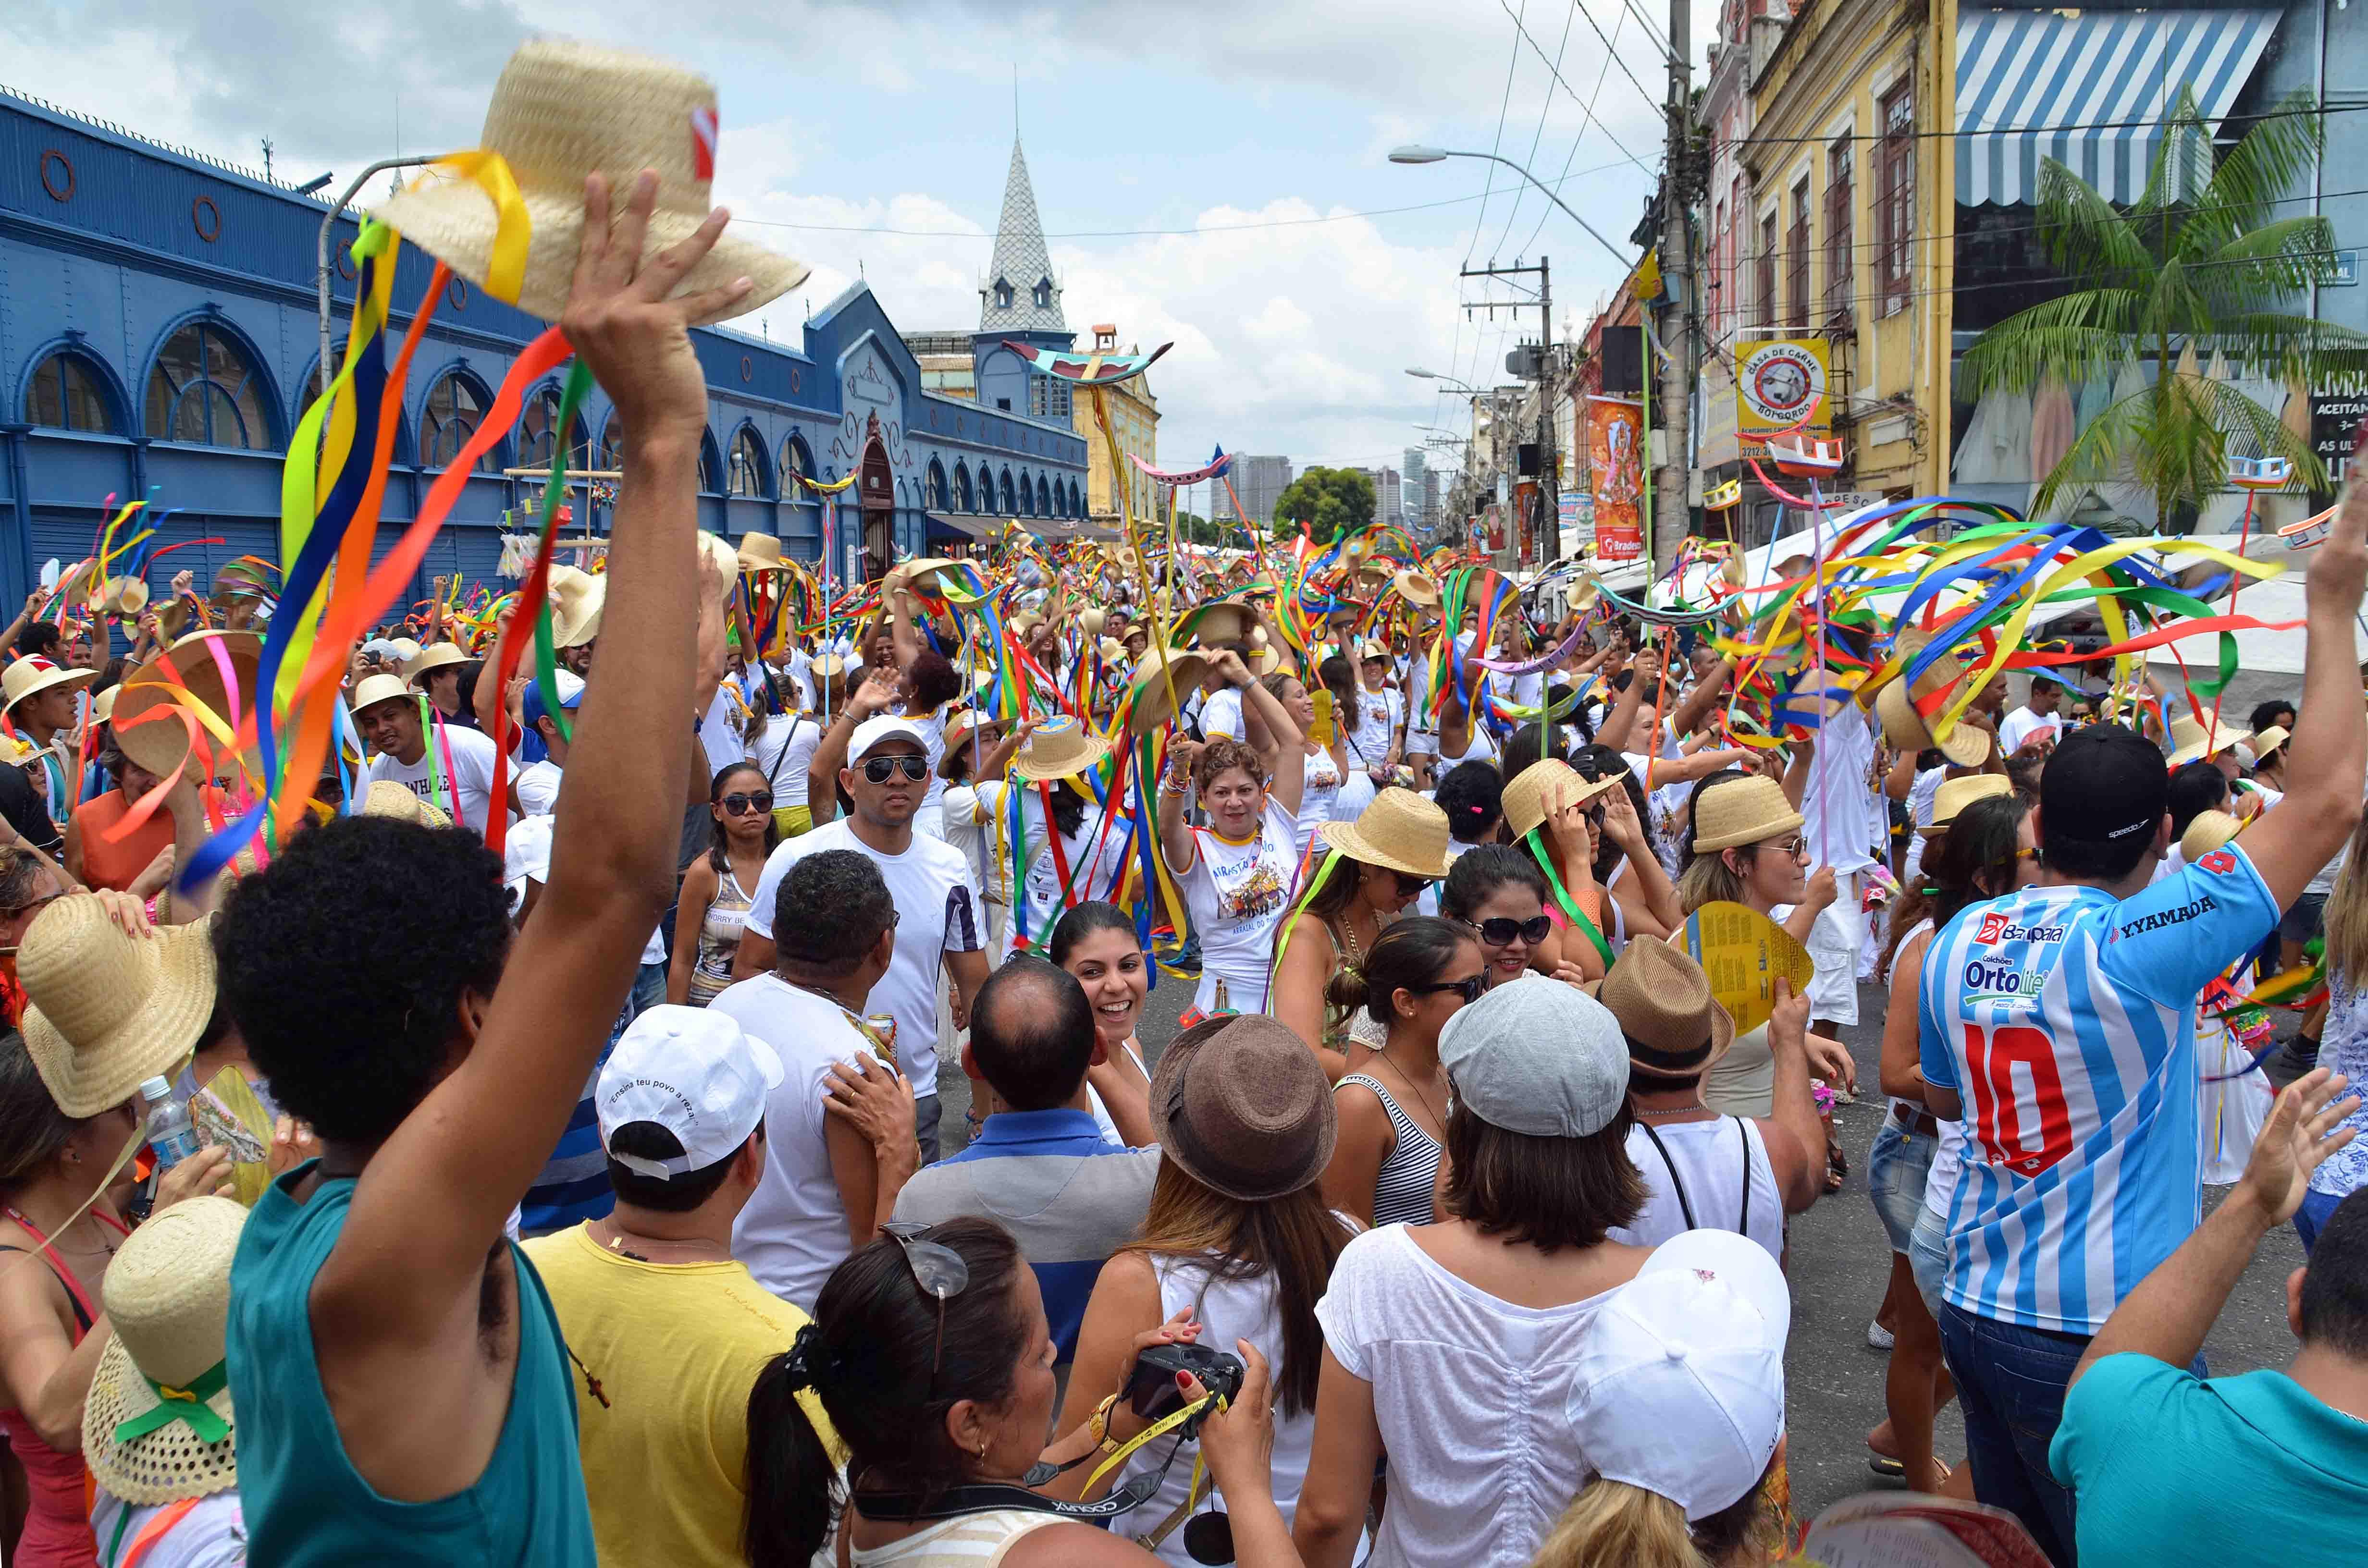 Pessoas se reúnem em frente ao Mercado Ver-O-Peso, em Belém, para acompanhar a festa do Círio de Nazaré. Crédito: